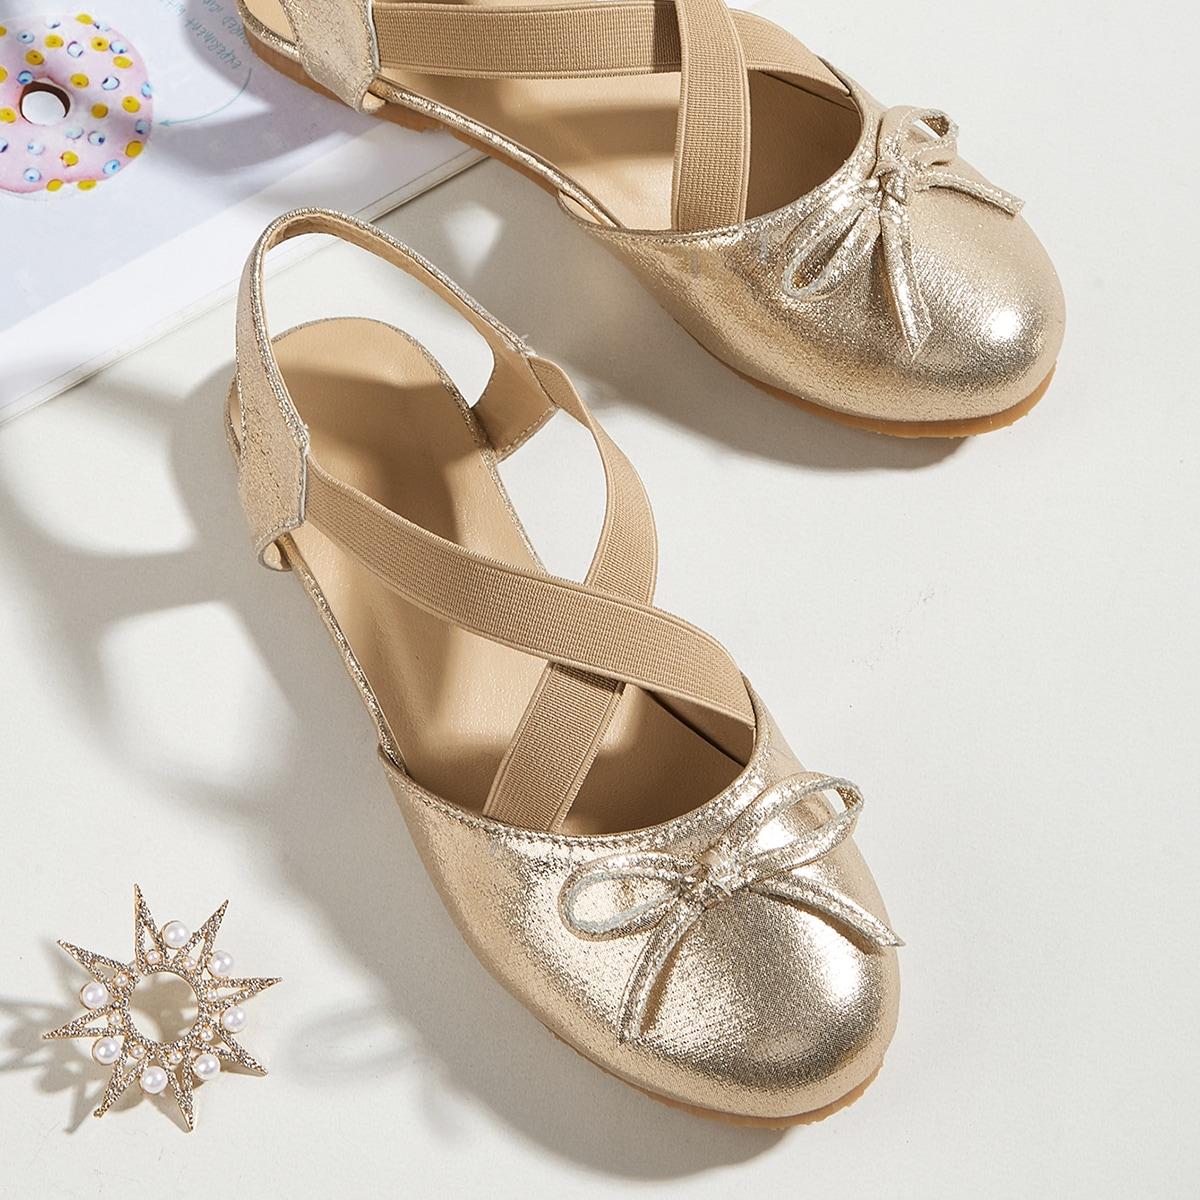 Металлические туфли на плоской подошве с бантом для девочек от SHEIN